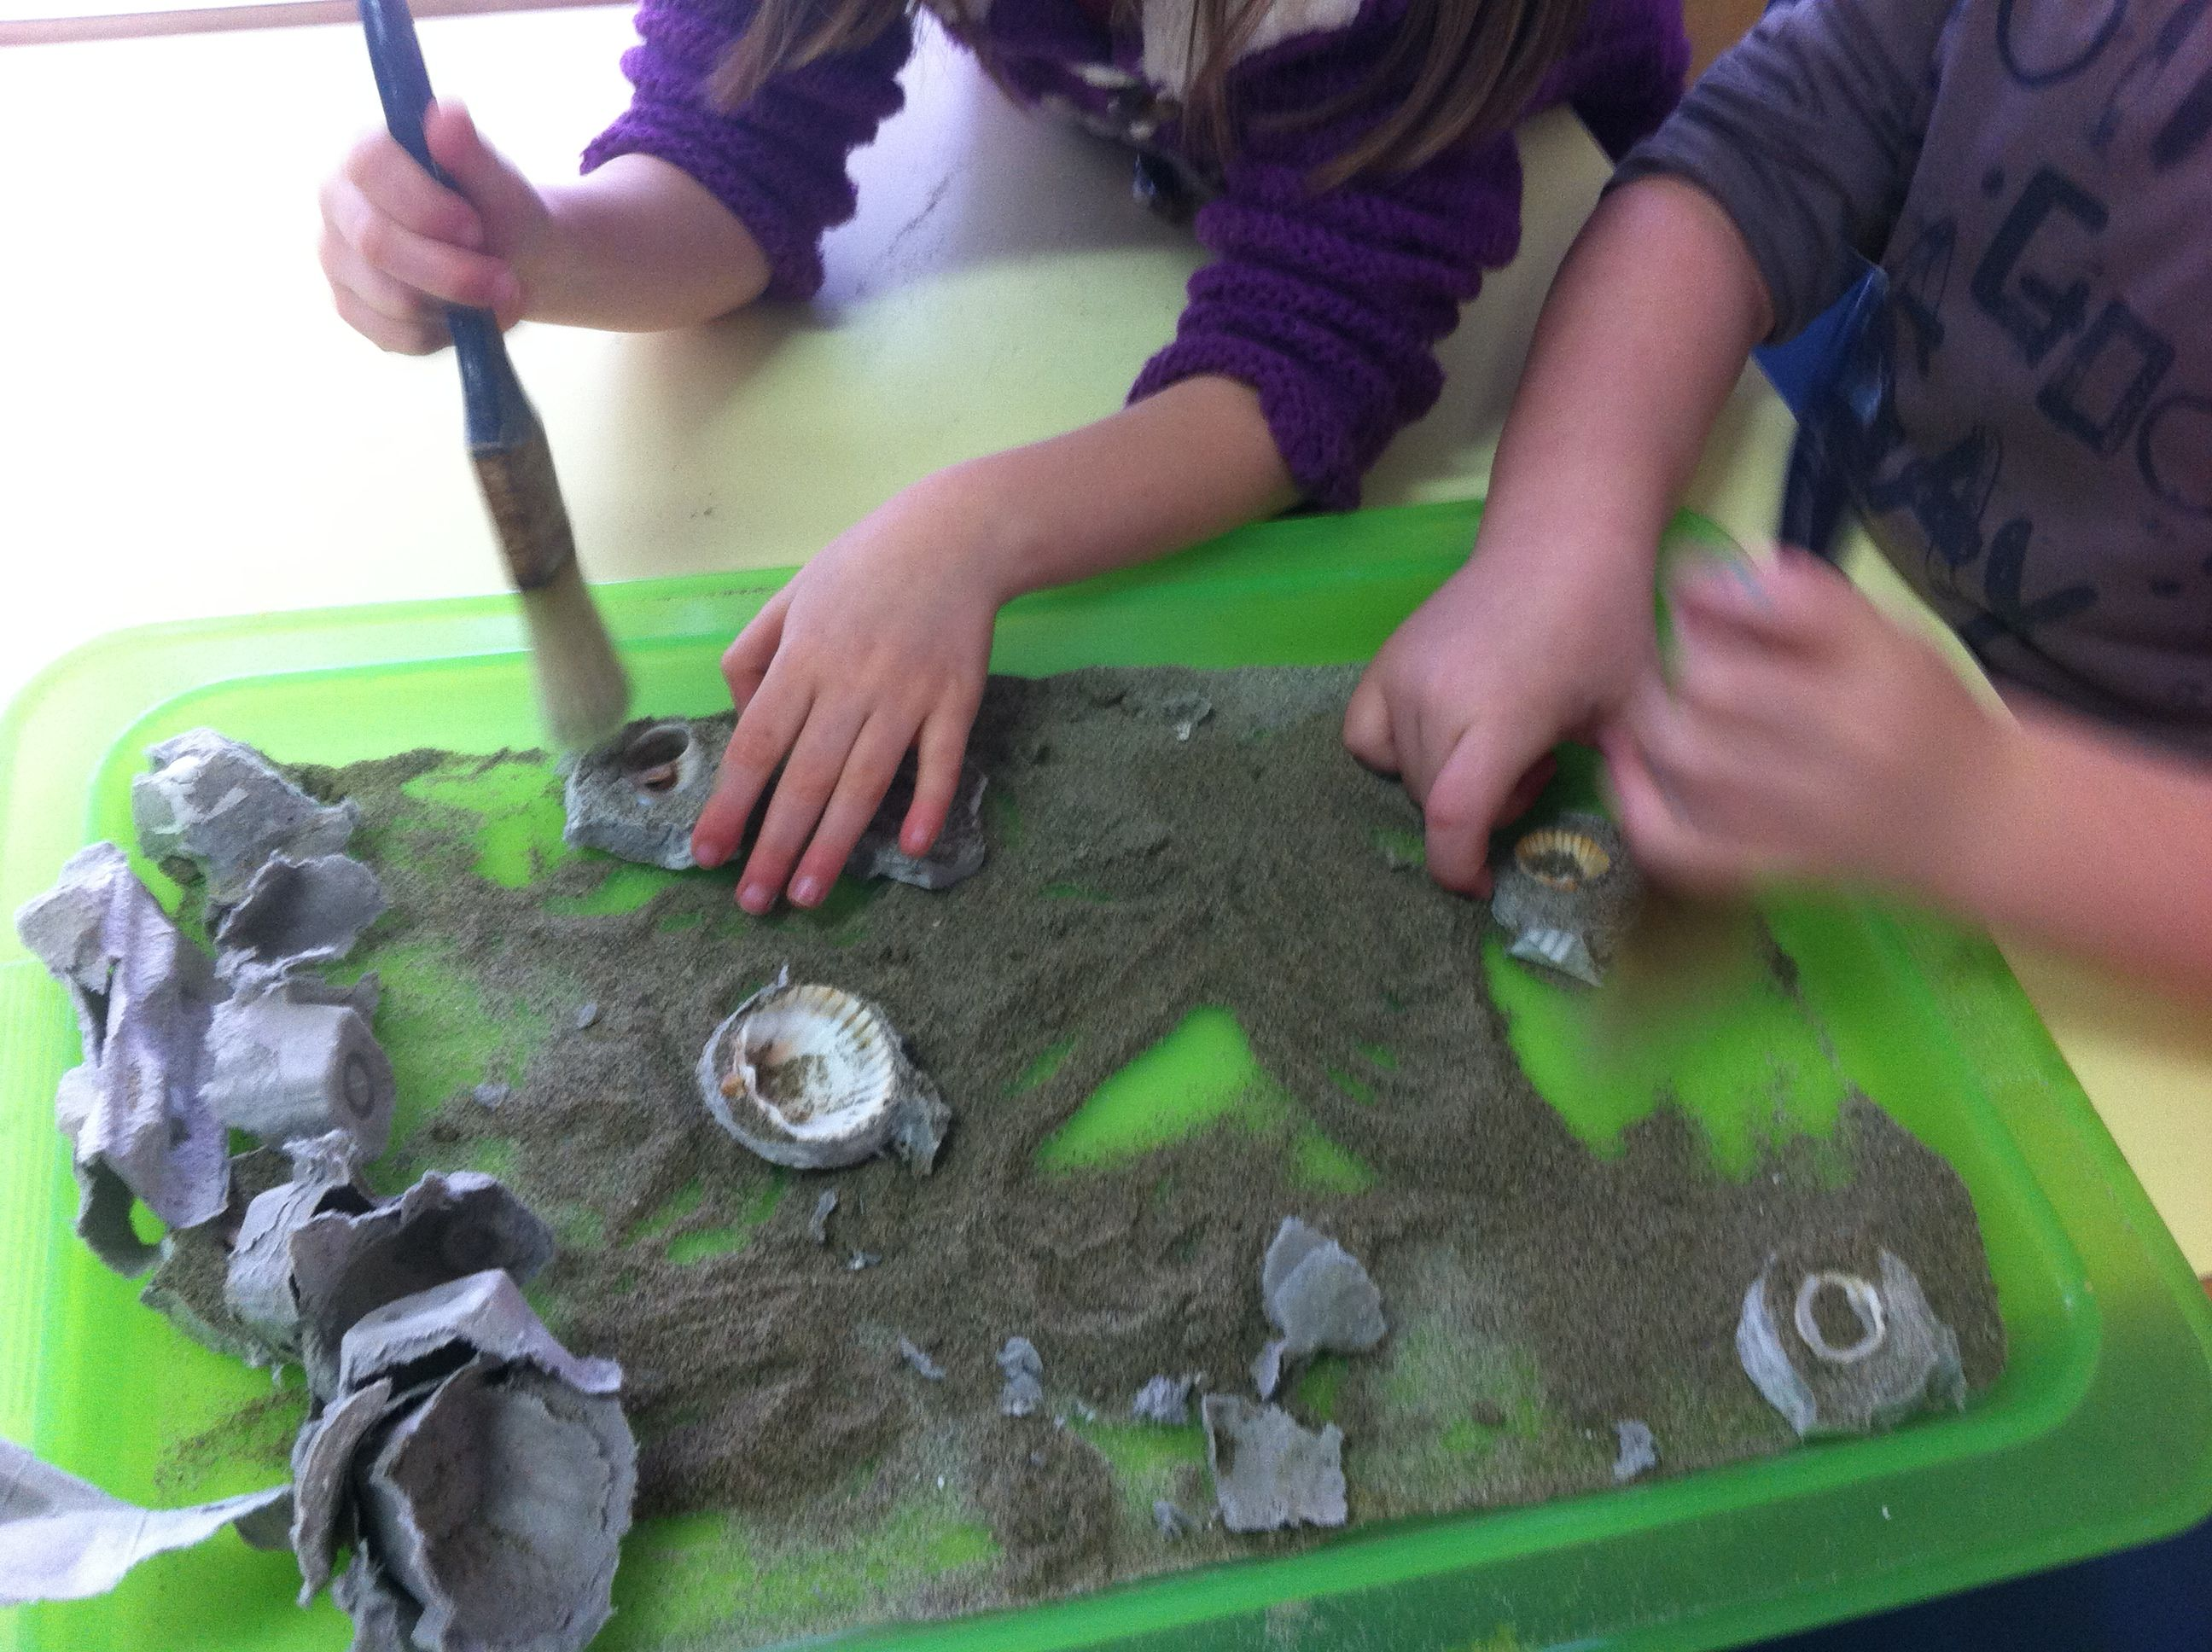 Togliamo la sabbia in eccesso :